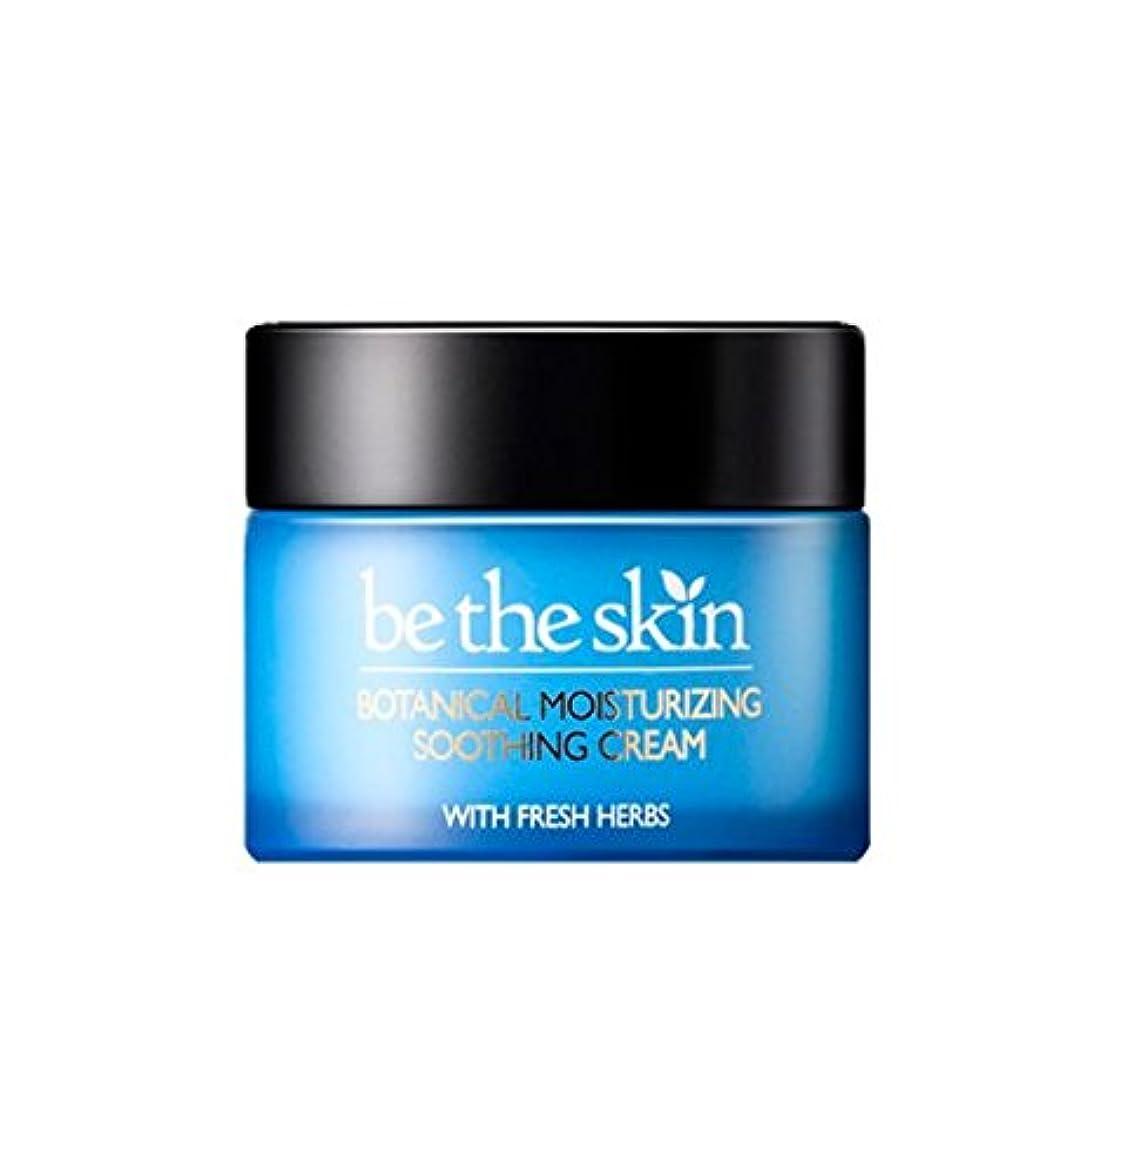 大腿敷居期限Be the Skin ボタニカル モイスチャライジング スージングクリーム / Botanical Moisturizing Soothing Cream (50ml) [並行輸入品]